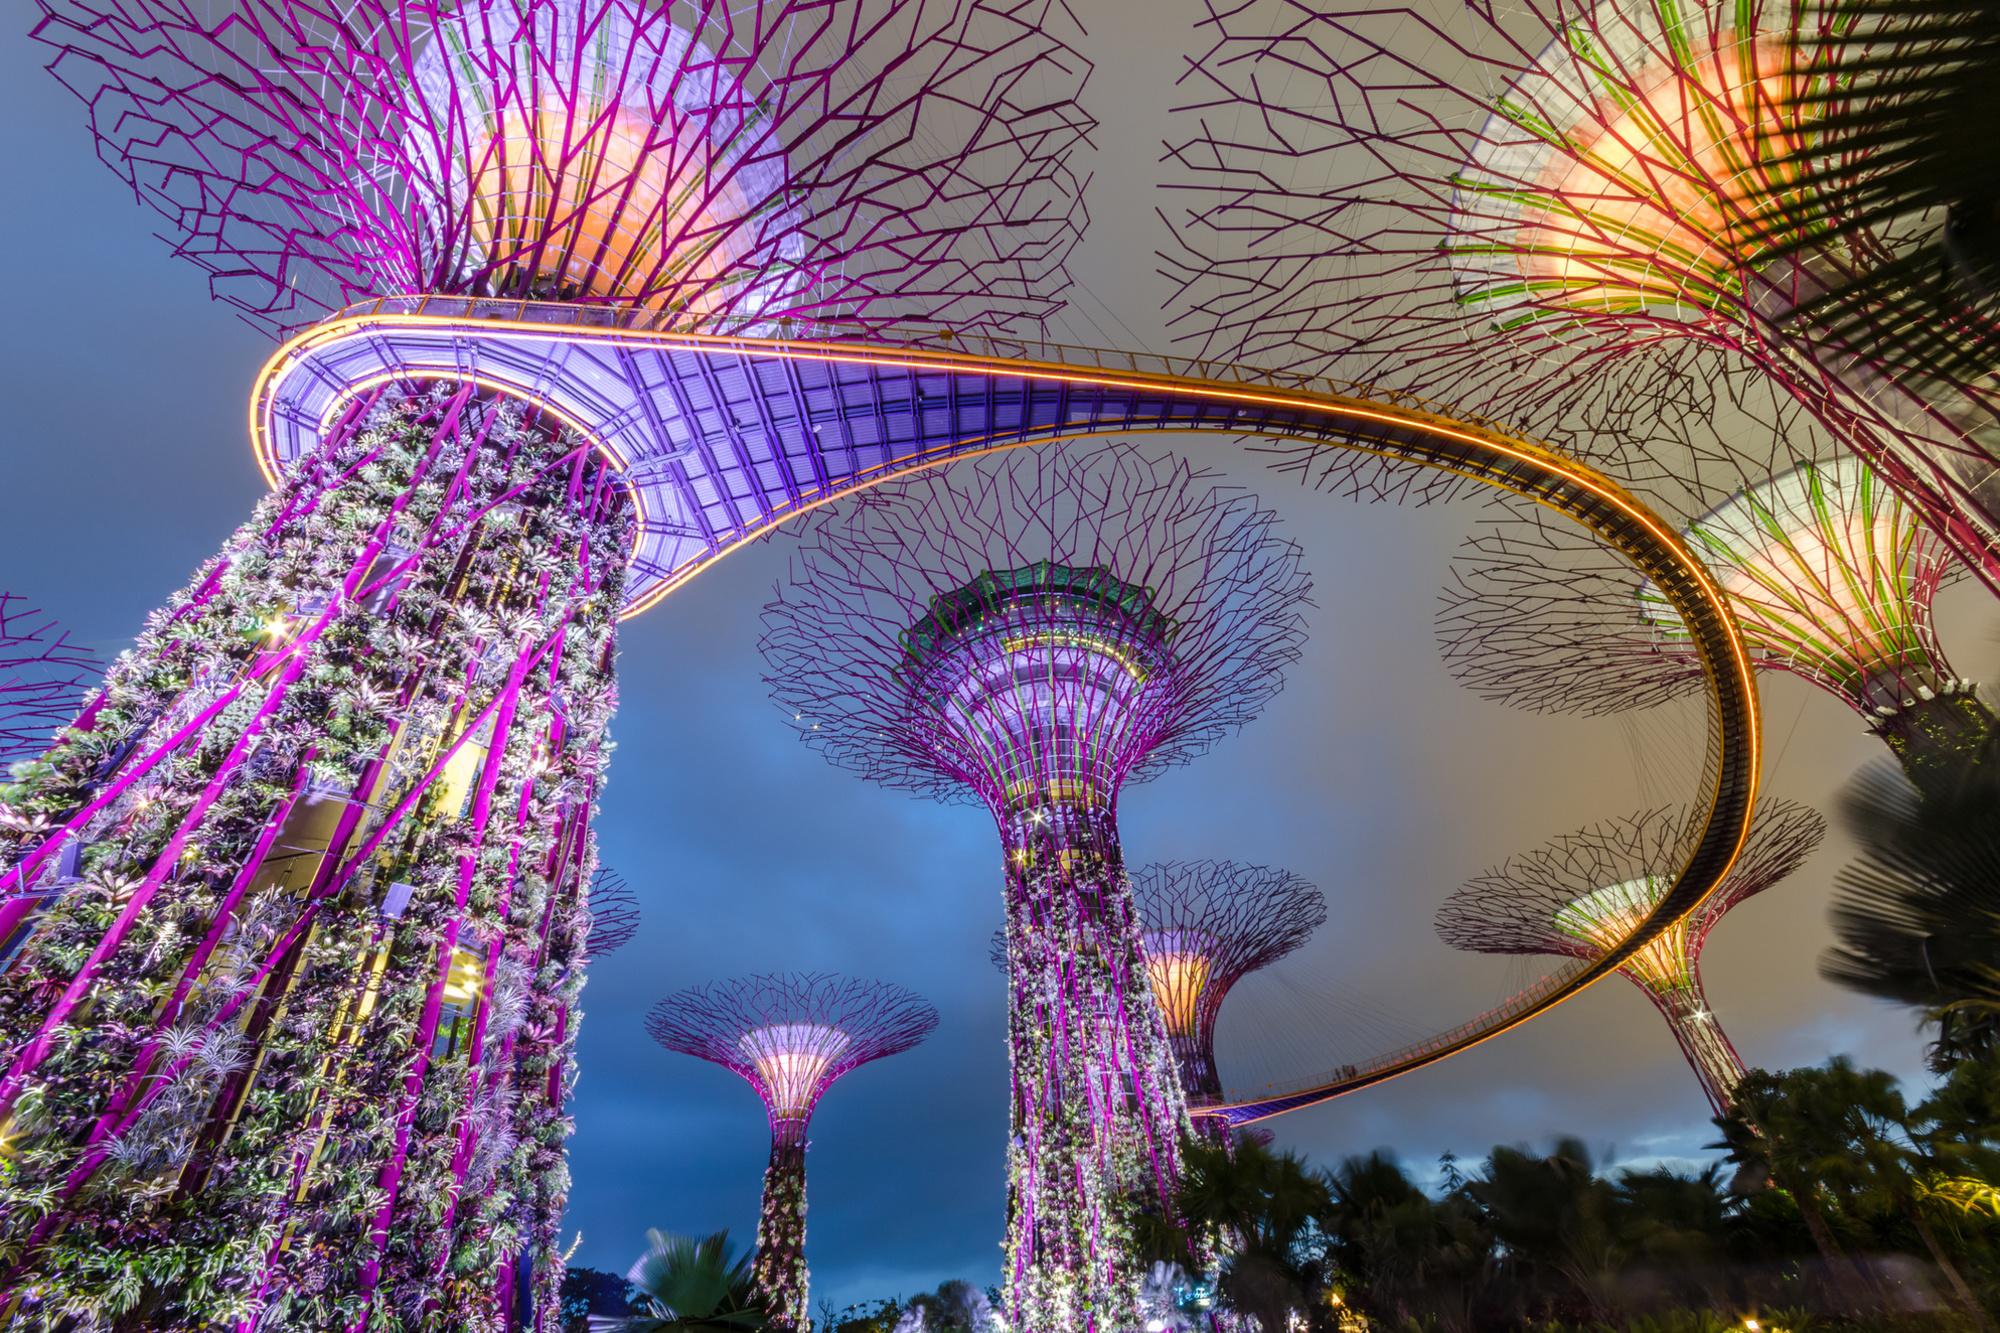 Futuristische bomen in het moderne Singapore, Getty